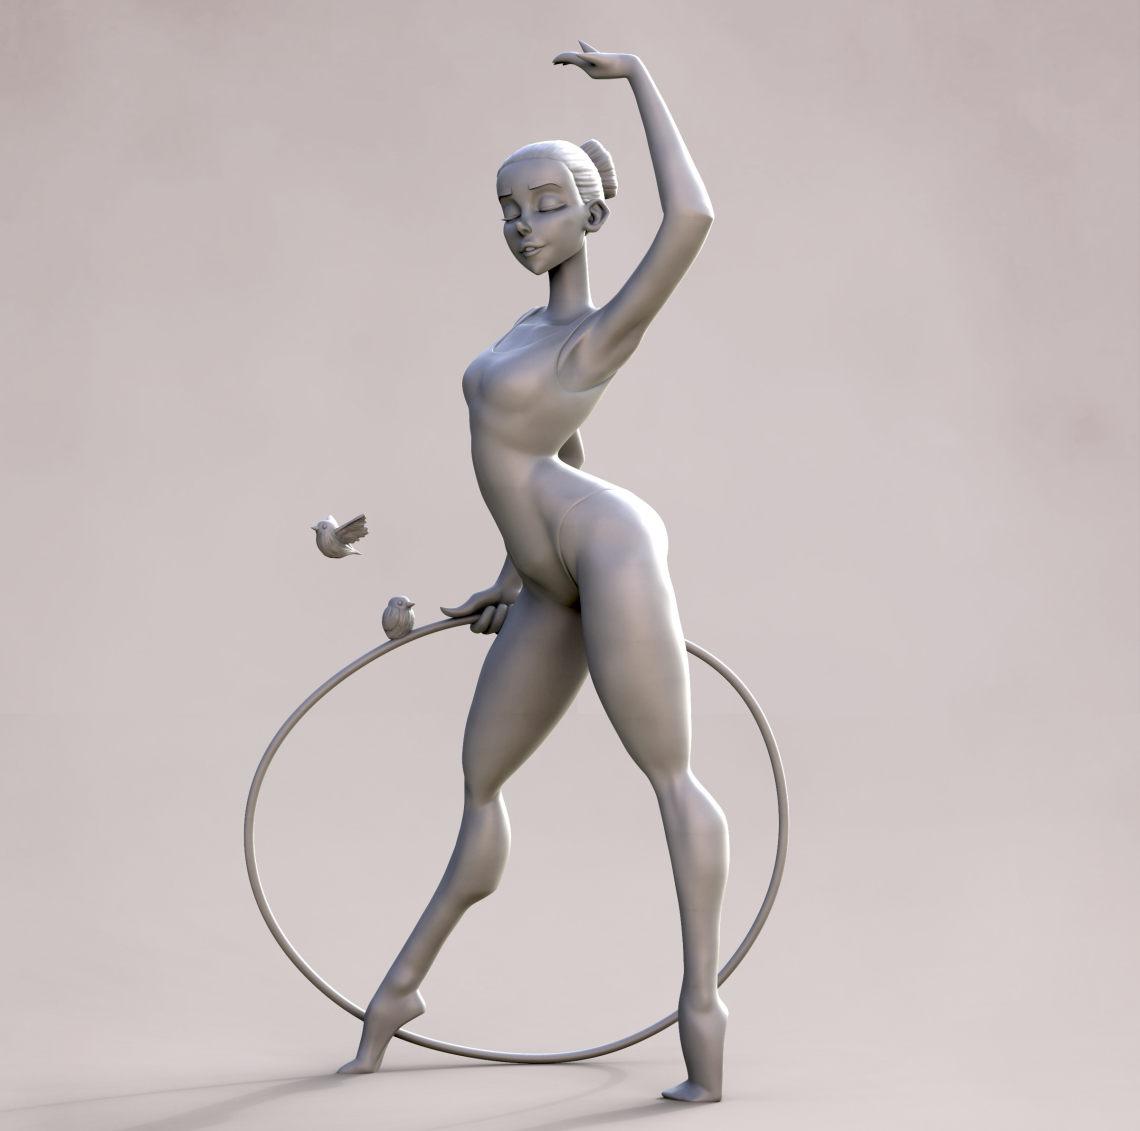 体操运动员   设计师:GeorgeCrudo